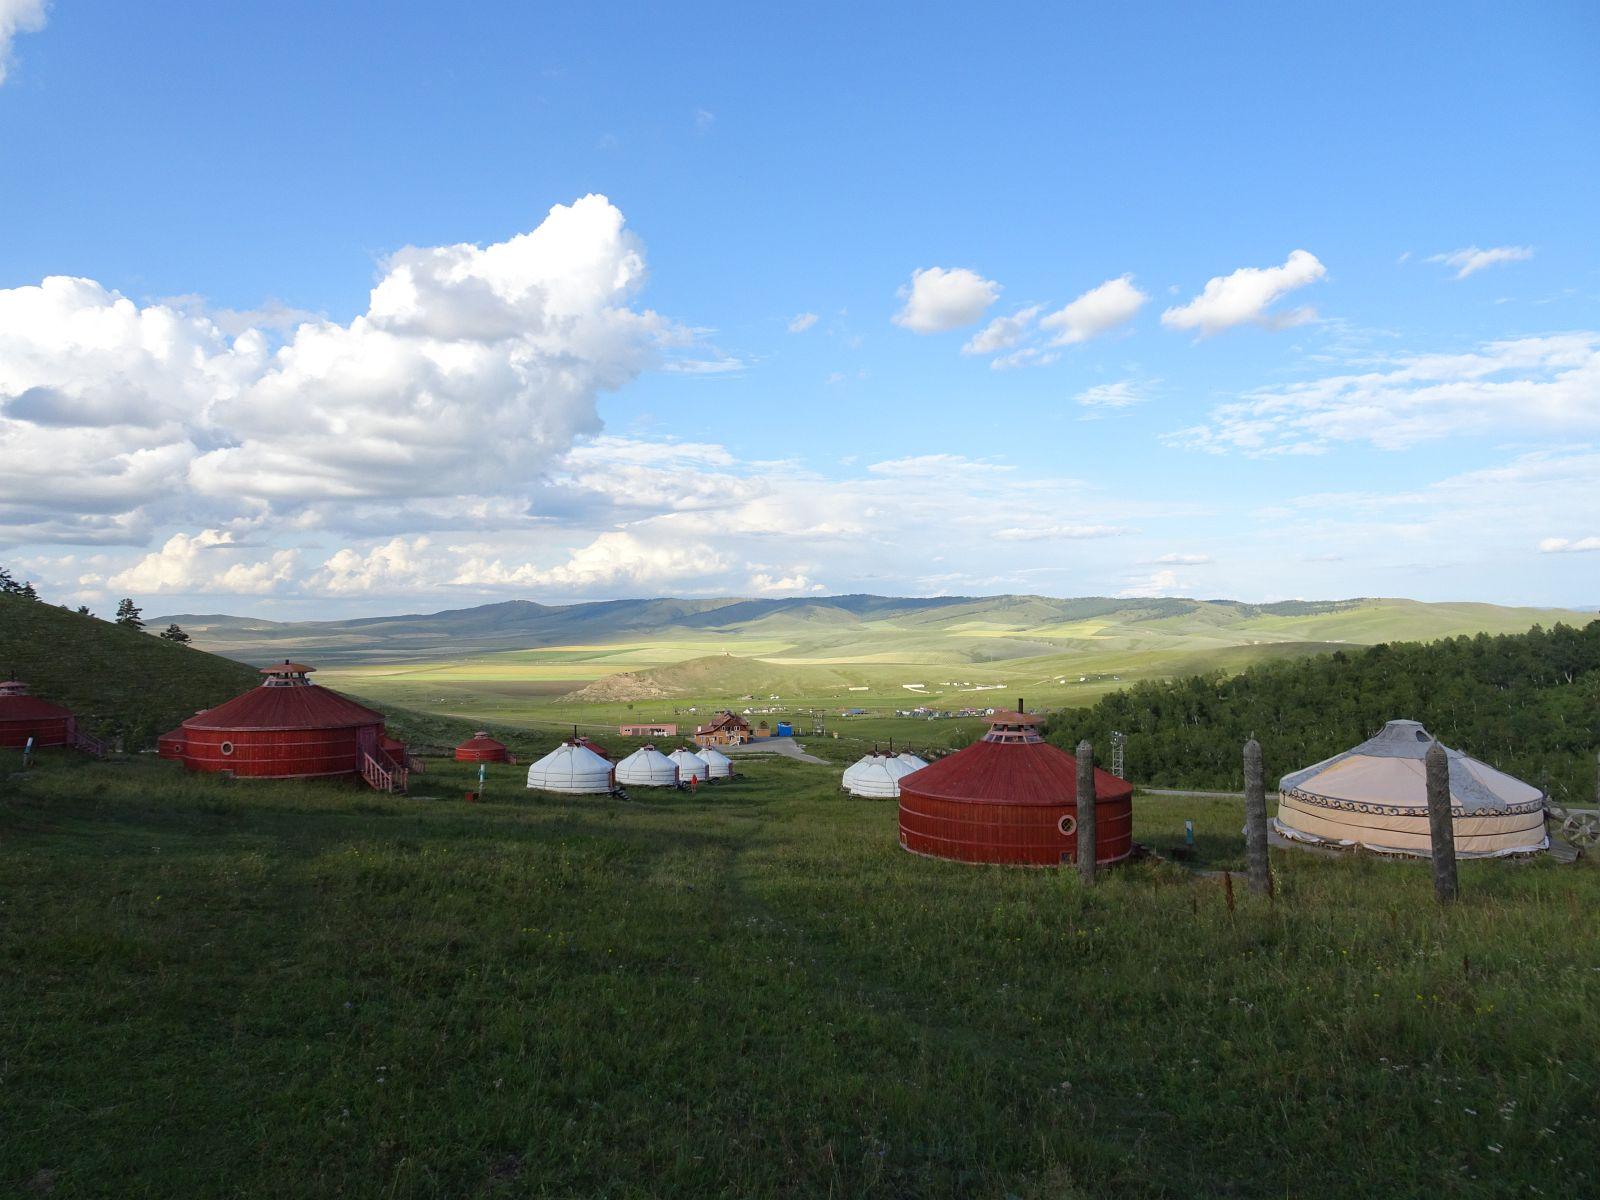 22.08.2016 – 23.08.2016 von Darchan nach Ulaanbaatar